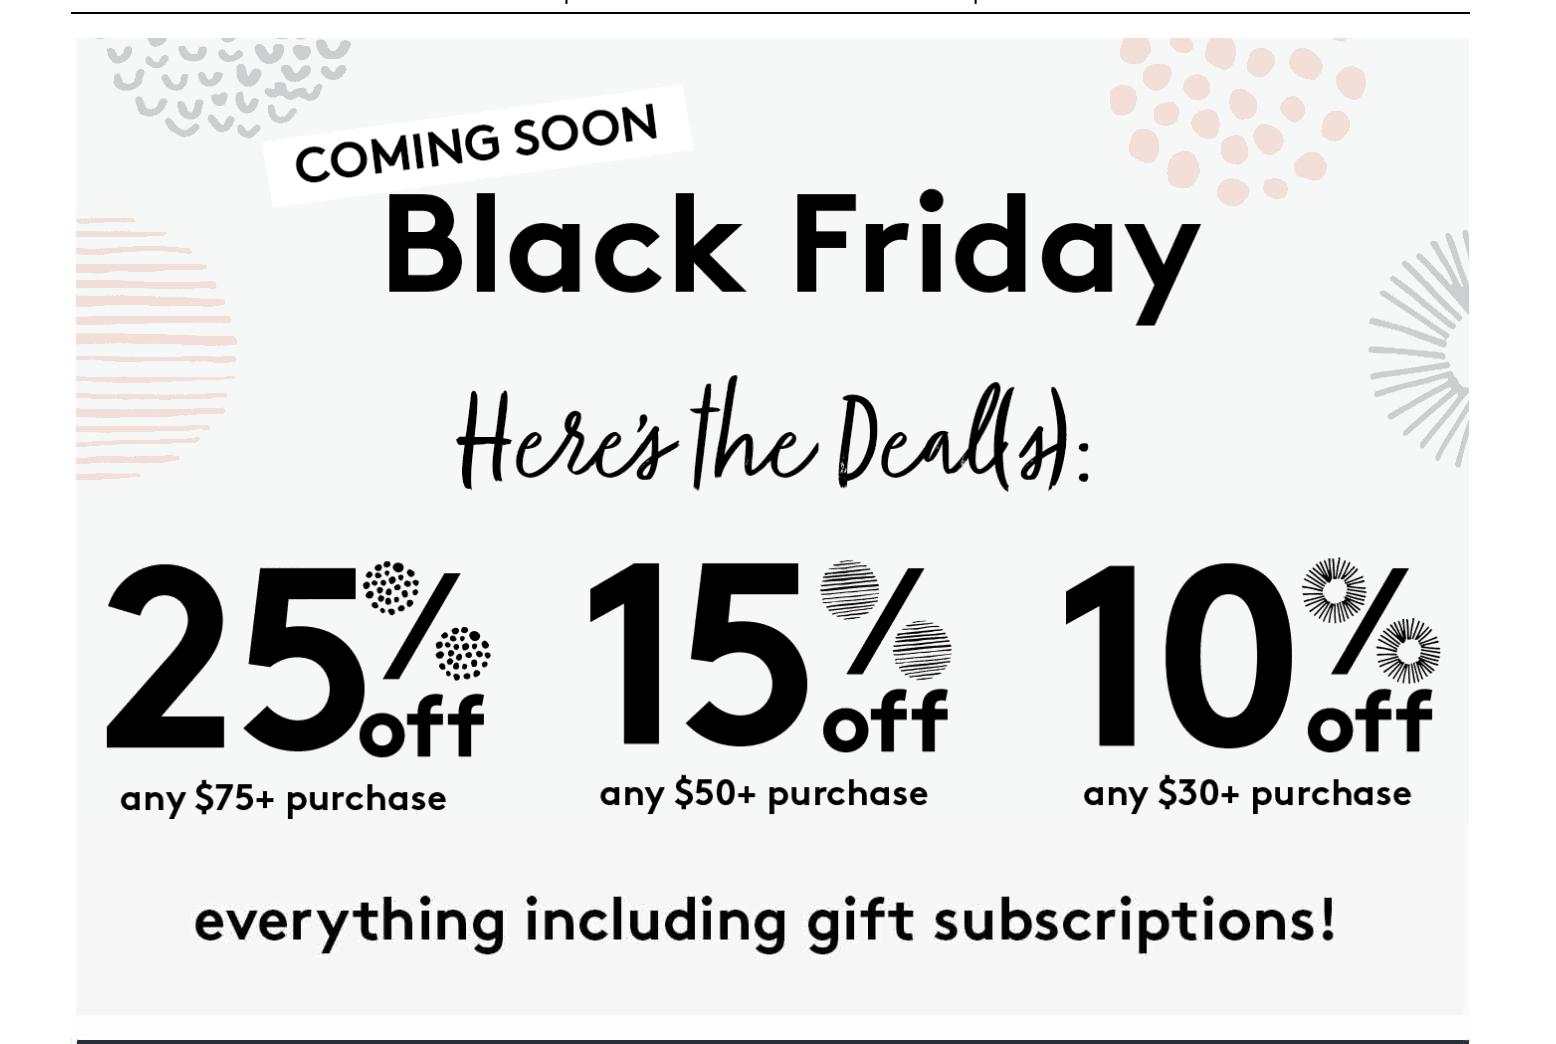 Where To Find The Best Black Friday Deals #saveeandsavory #blackfridaydeals #savemoney #saveetips